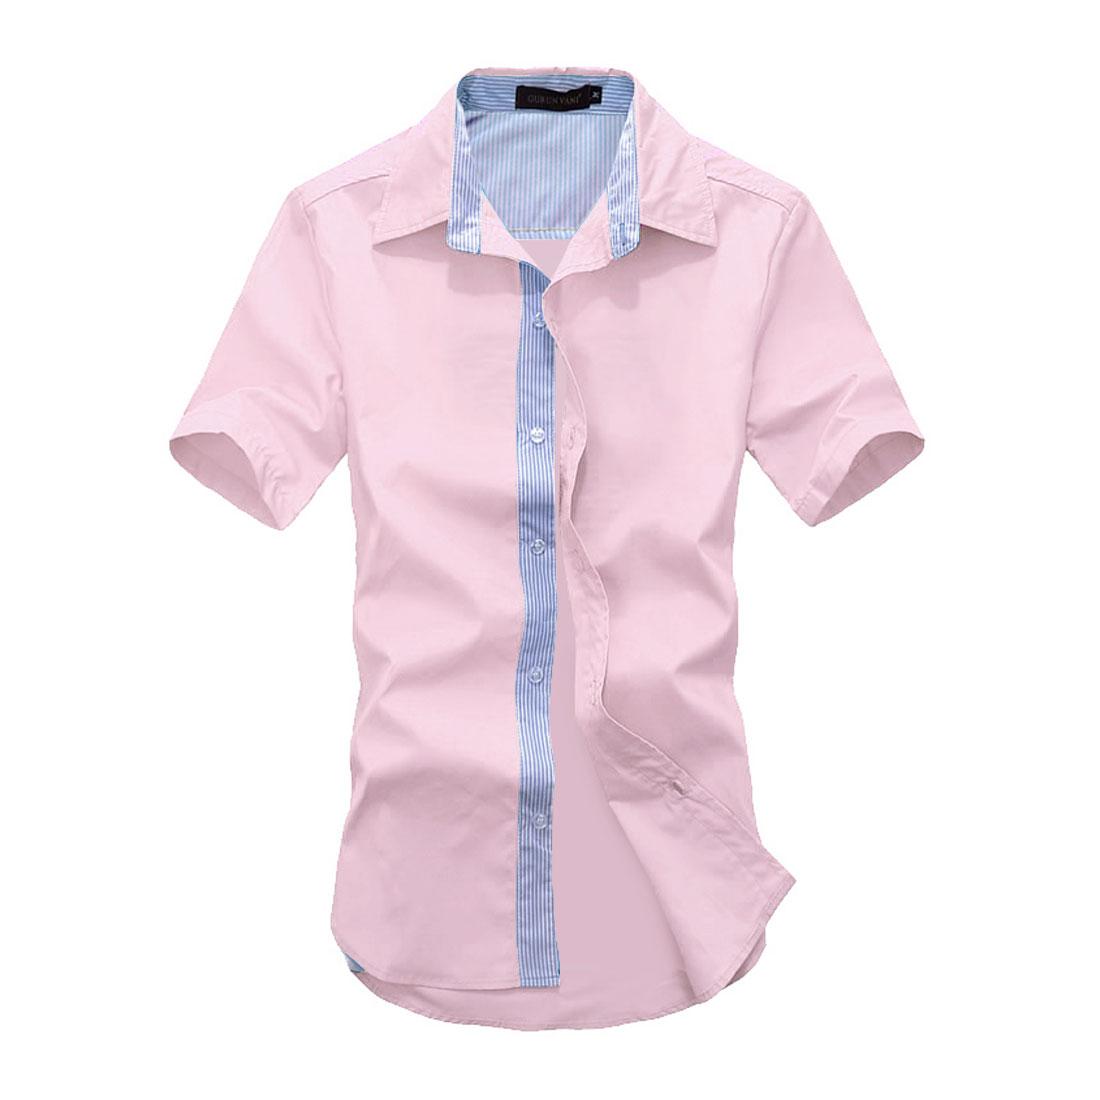 Men Striped Buttons Front Short-sleeved Tops Shirt Light Pink M